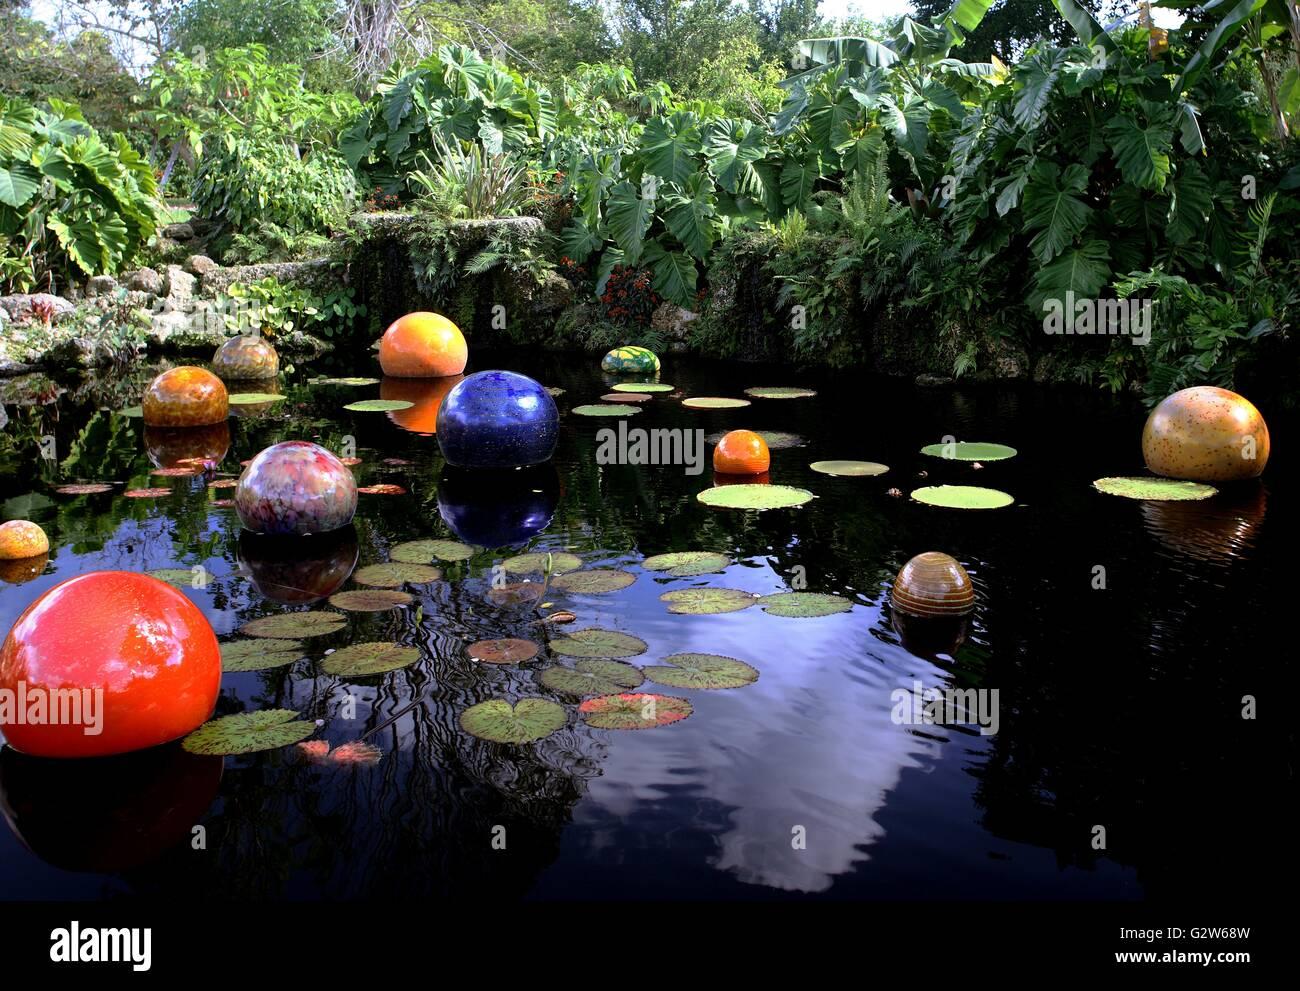 Tropical Garden Pond At The Fairchild Tropical Botanical Garden Museum In  Coral Gables, Florida.